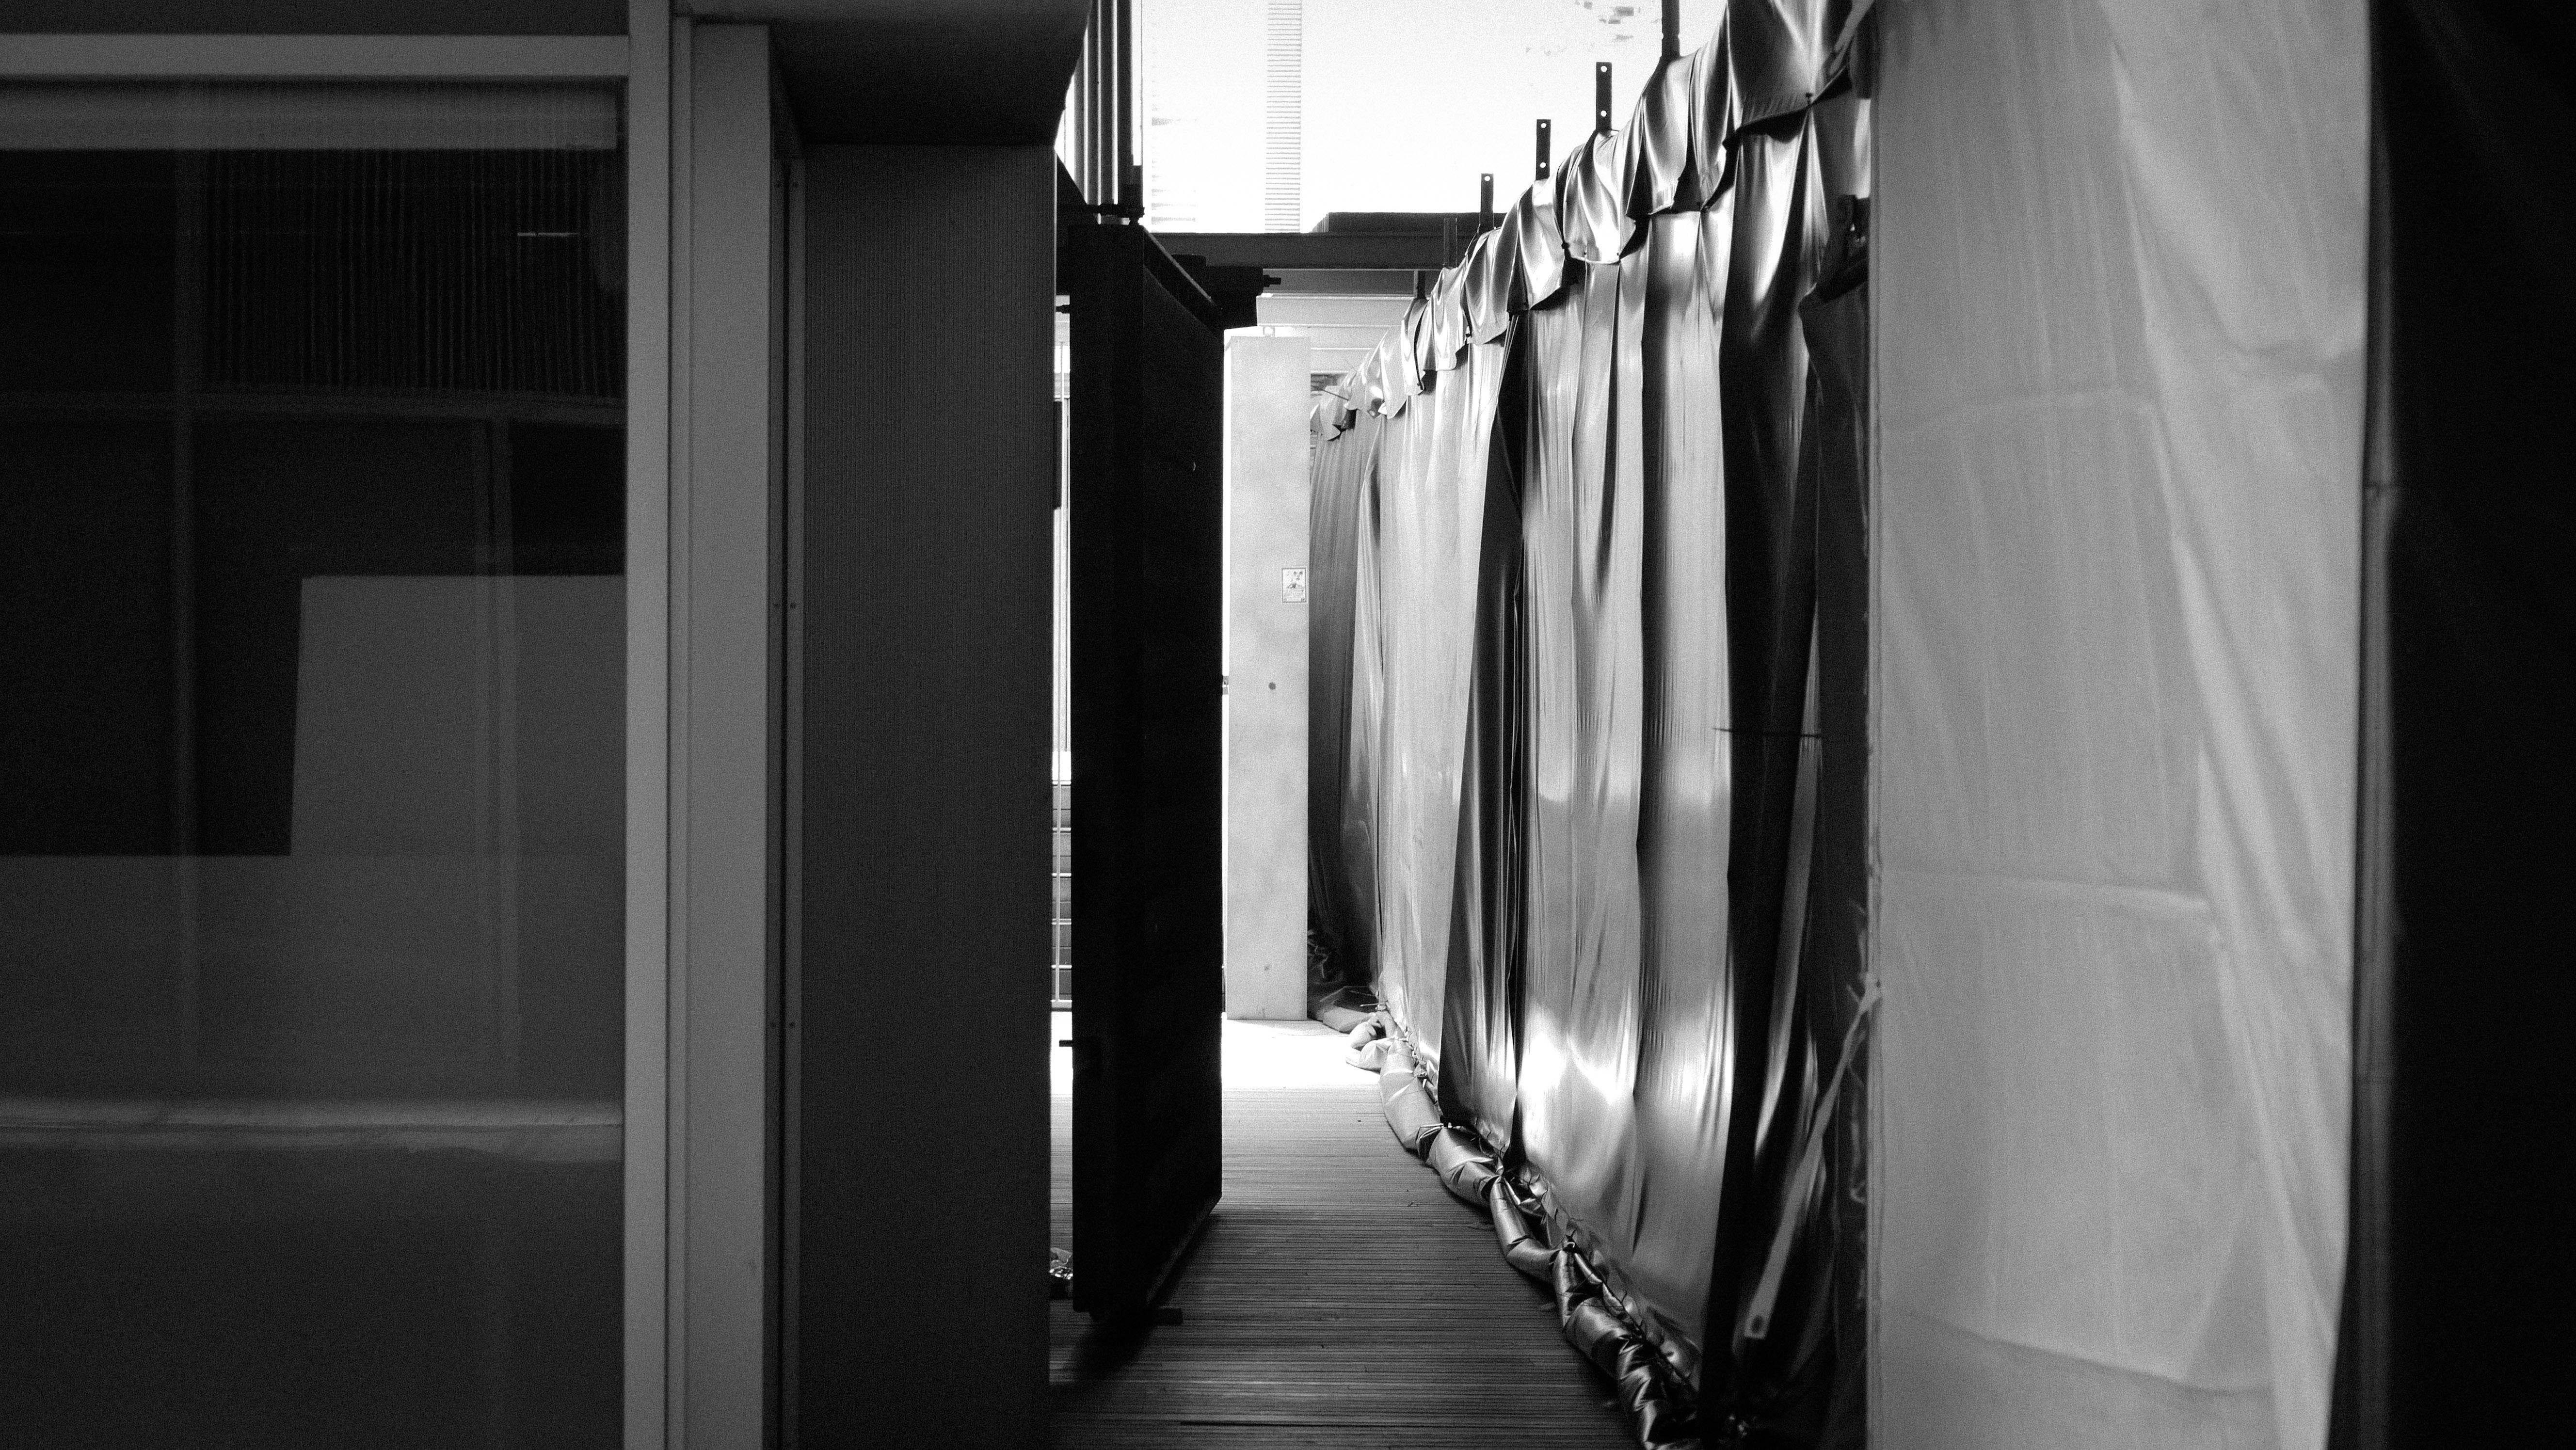 Recorrido cubierto que atraviesa la plaza interior del PRBB. | Imagen de Albert Català.